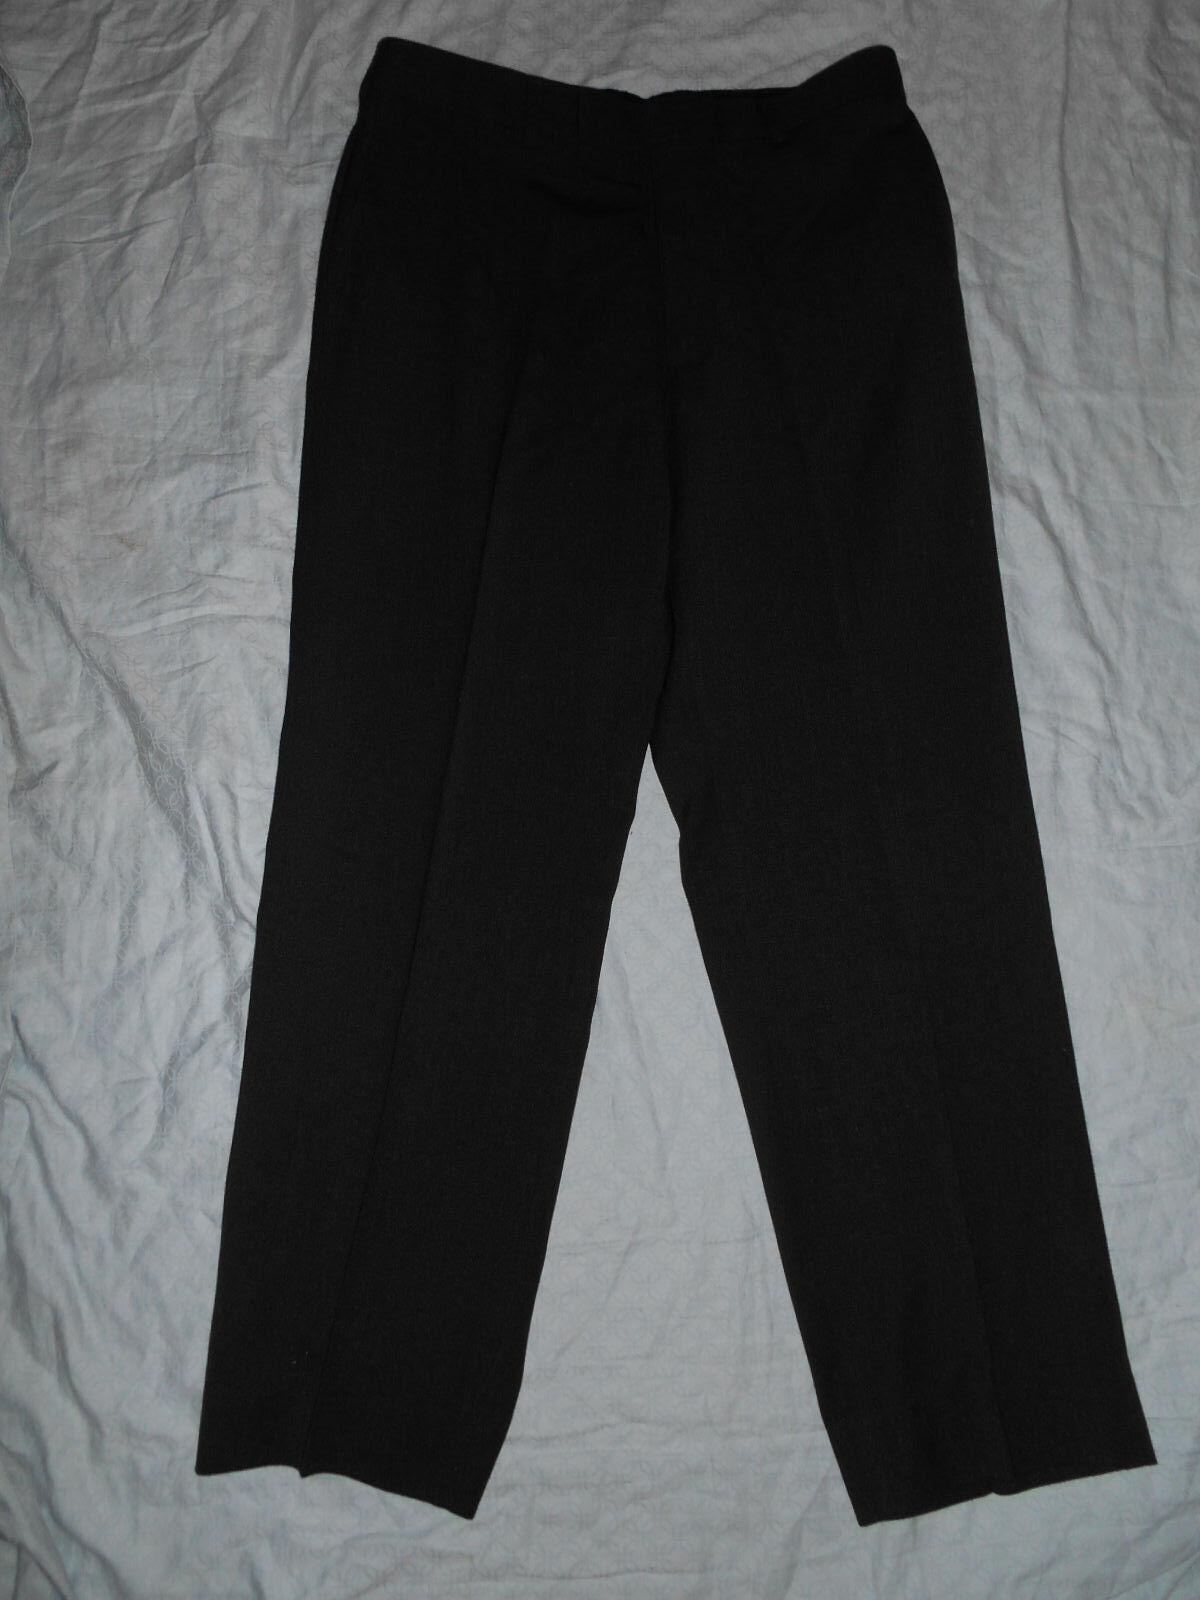 040dfc030 HUGO BOSS BROWN WOOL PANTS 34 x 30.5 EXCELLENT . JAMES SIZE nvtxvw8823- Trousers